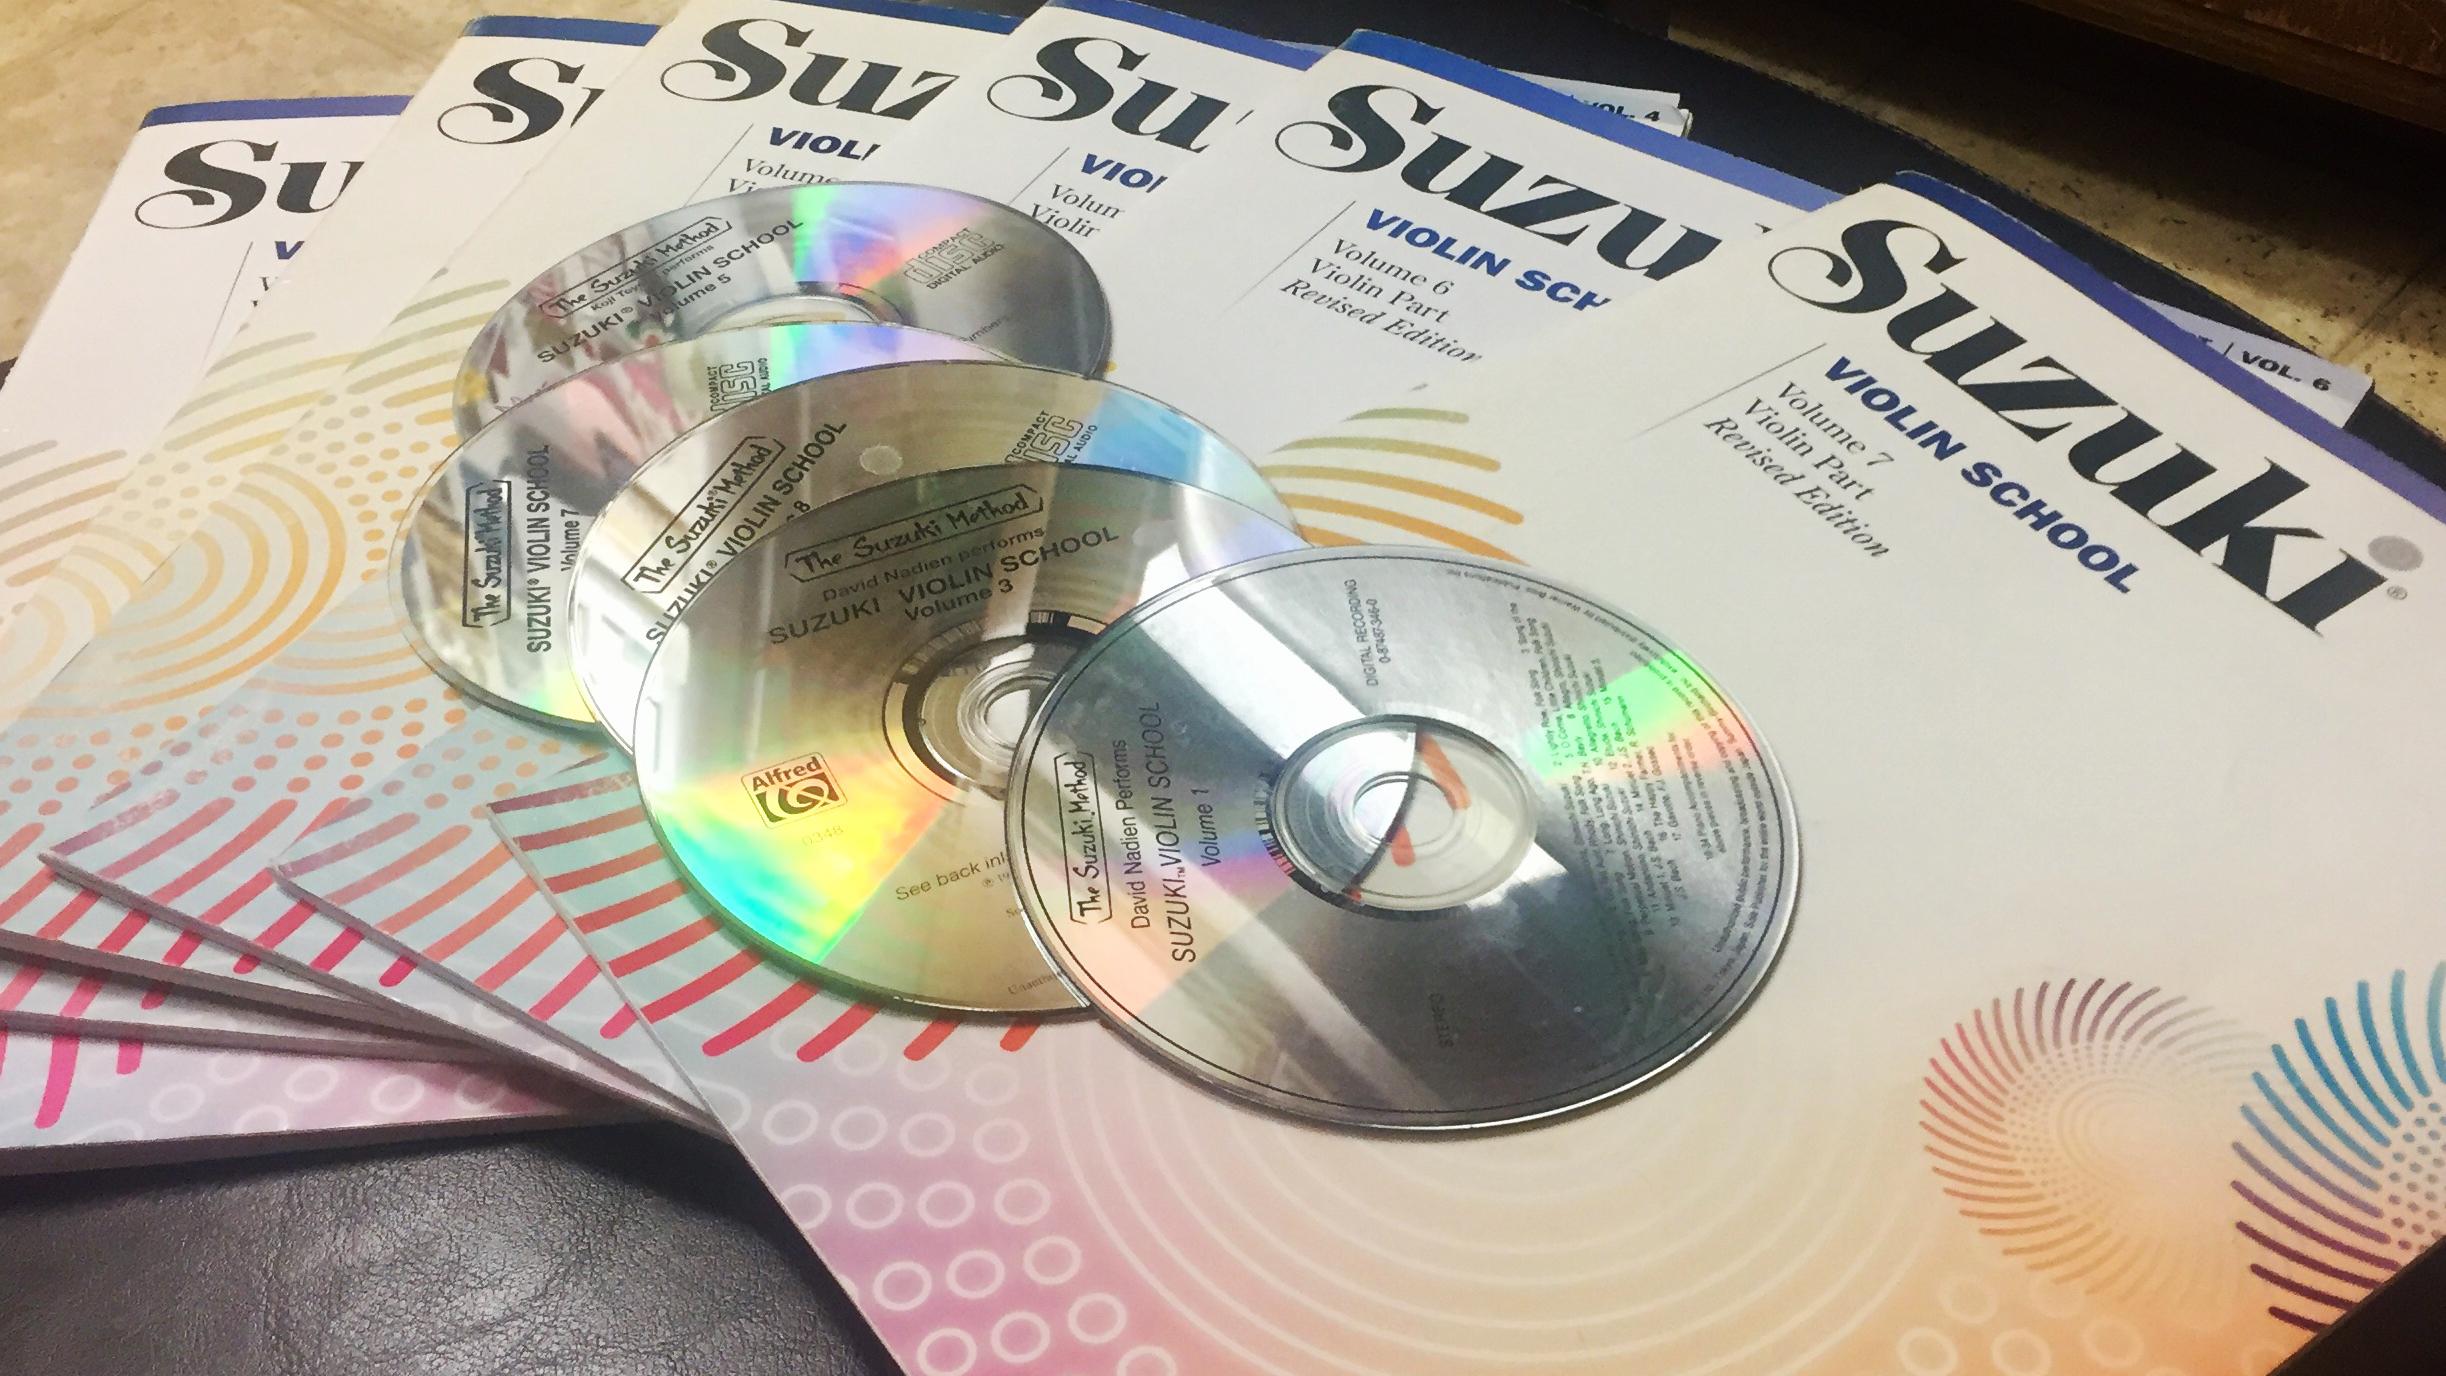 Suzuki CDs